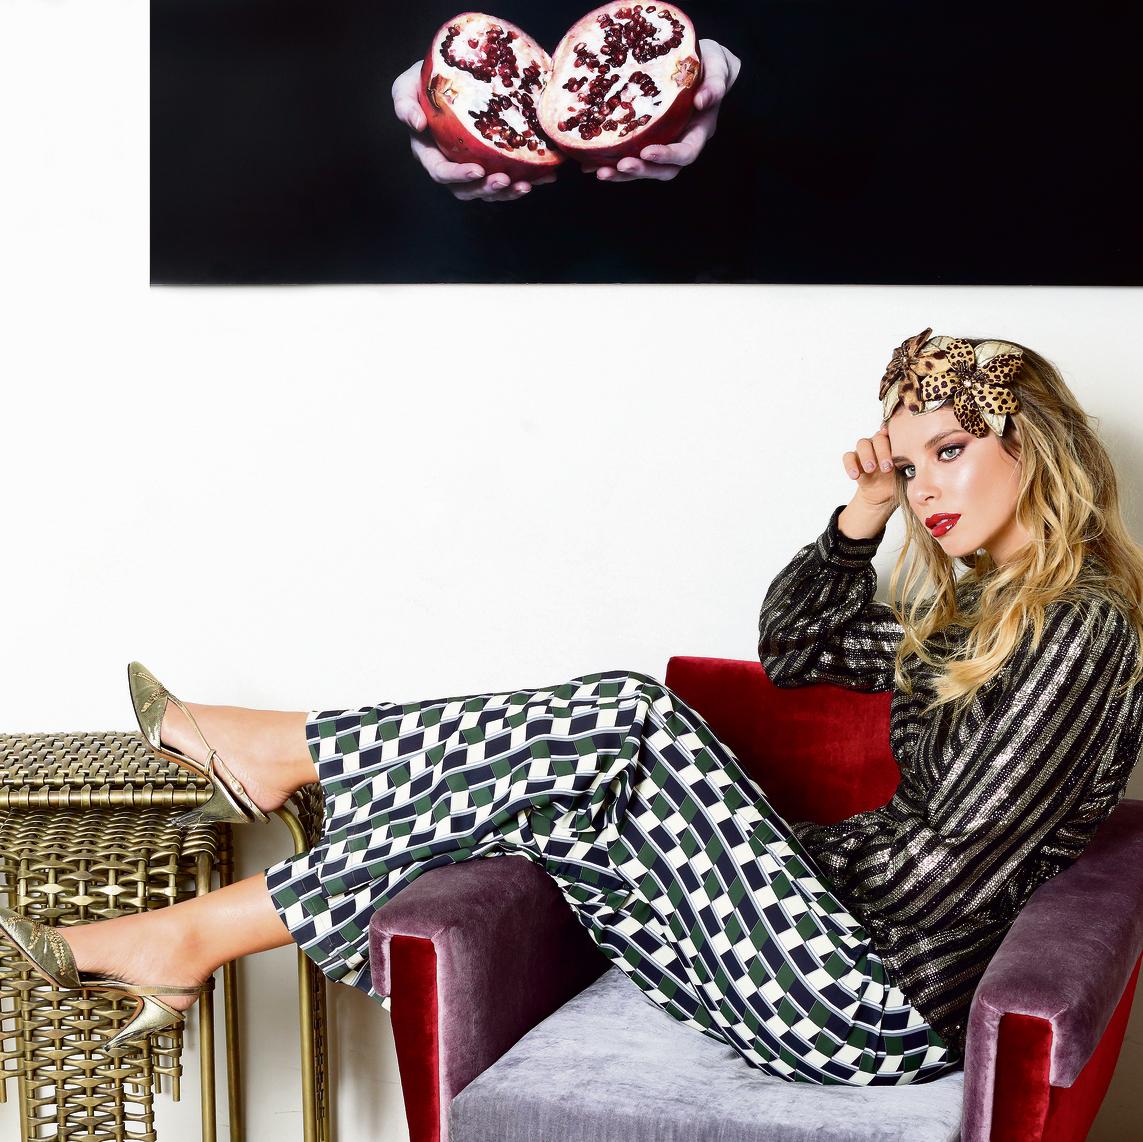 חולצה: אוסף פרטי מכנסיים: מאיה נגרי, 895 שקל קשת: tamibarlev.com (בהזמנה אישית) נעליים: אוסף פרטי